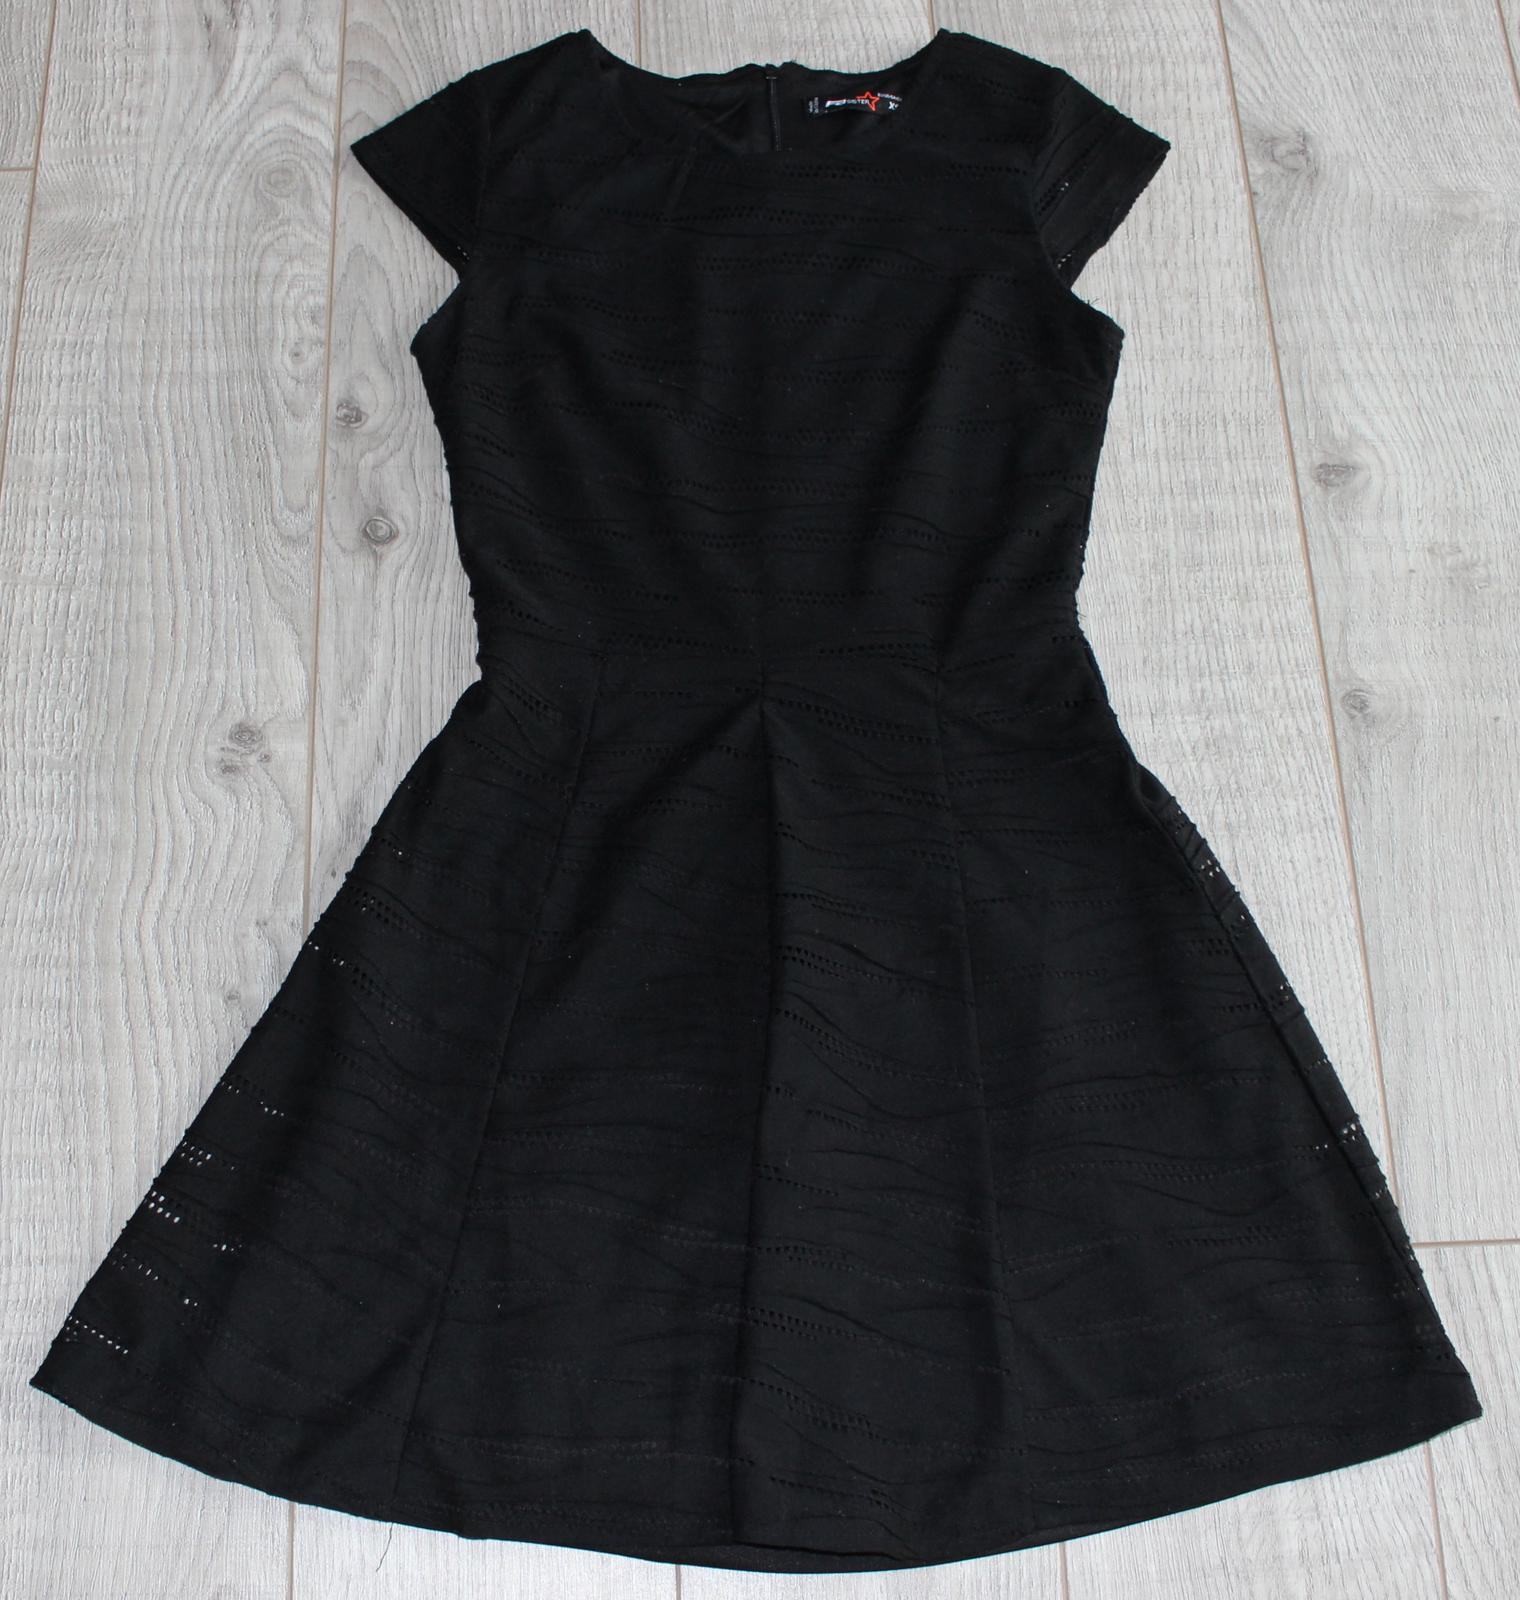 Madeirové šaty - Obrázok č. 1